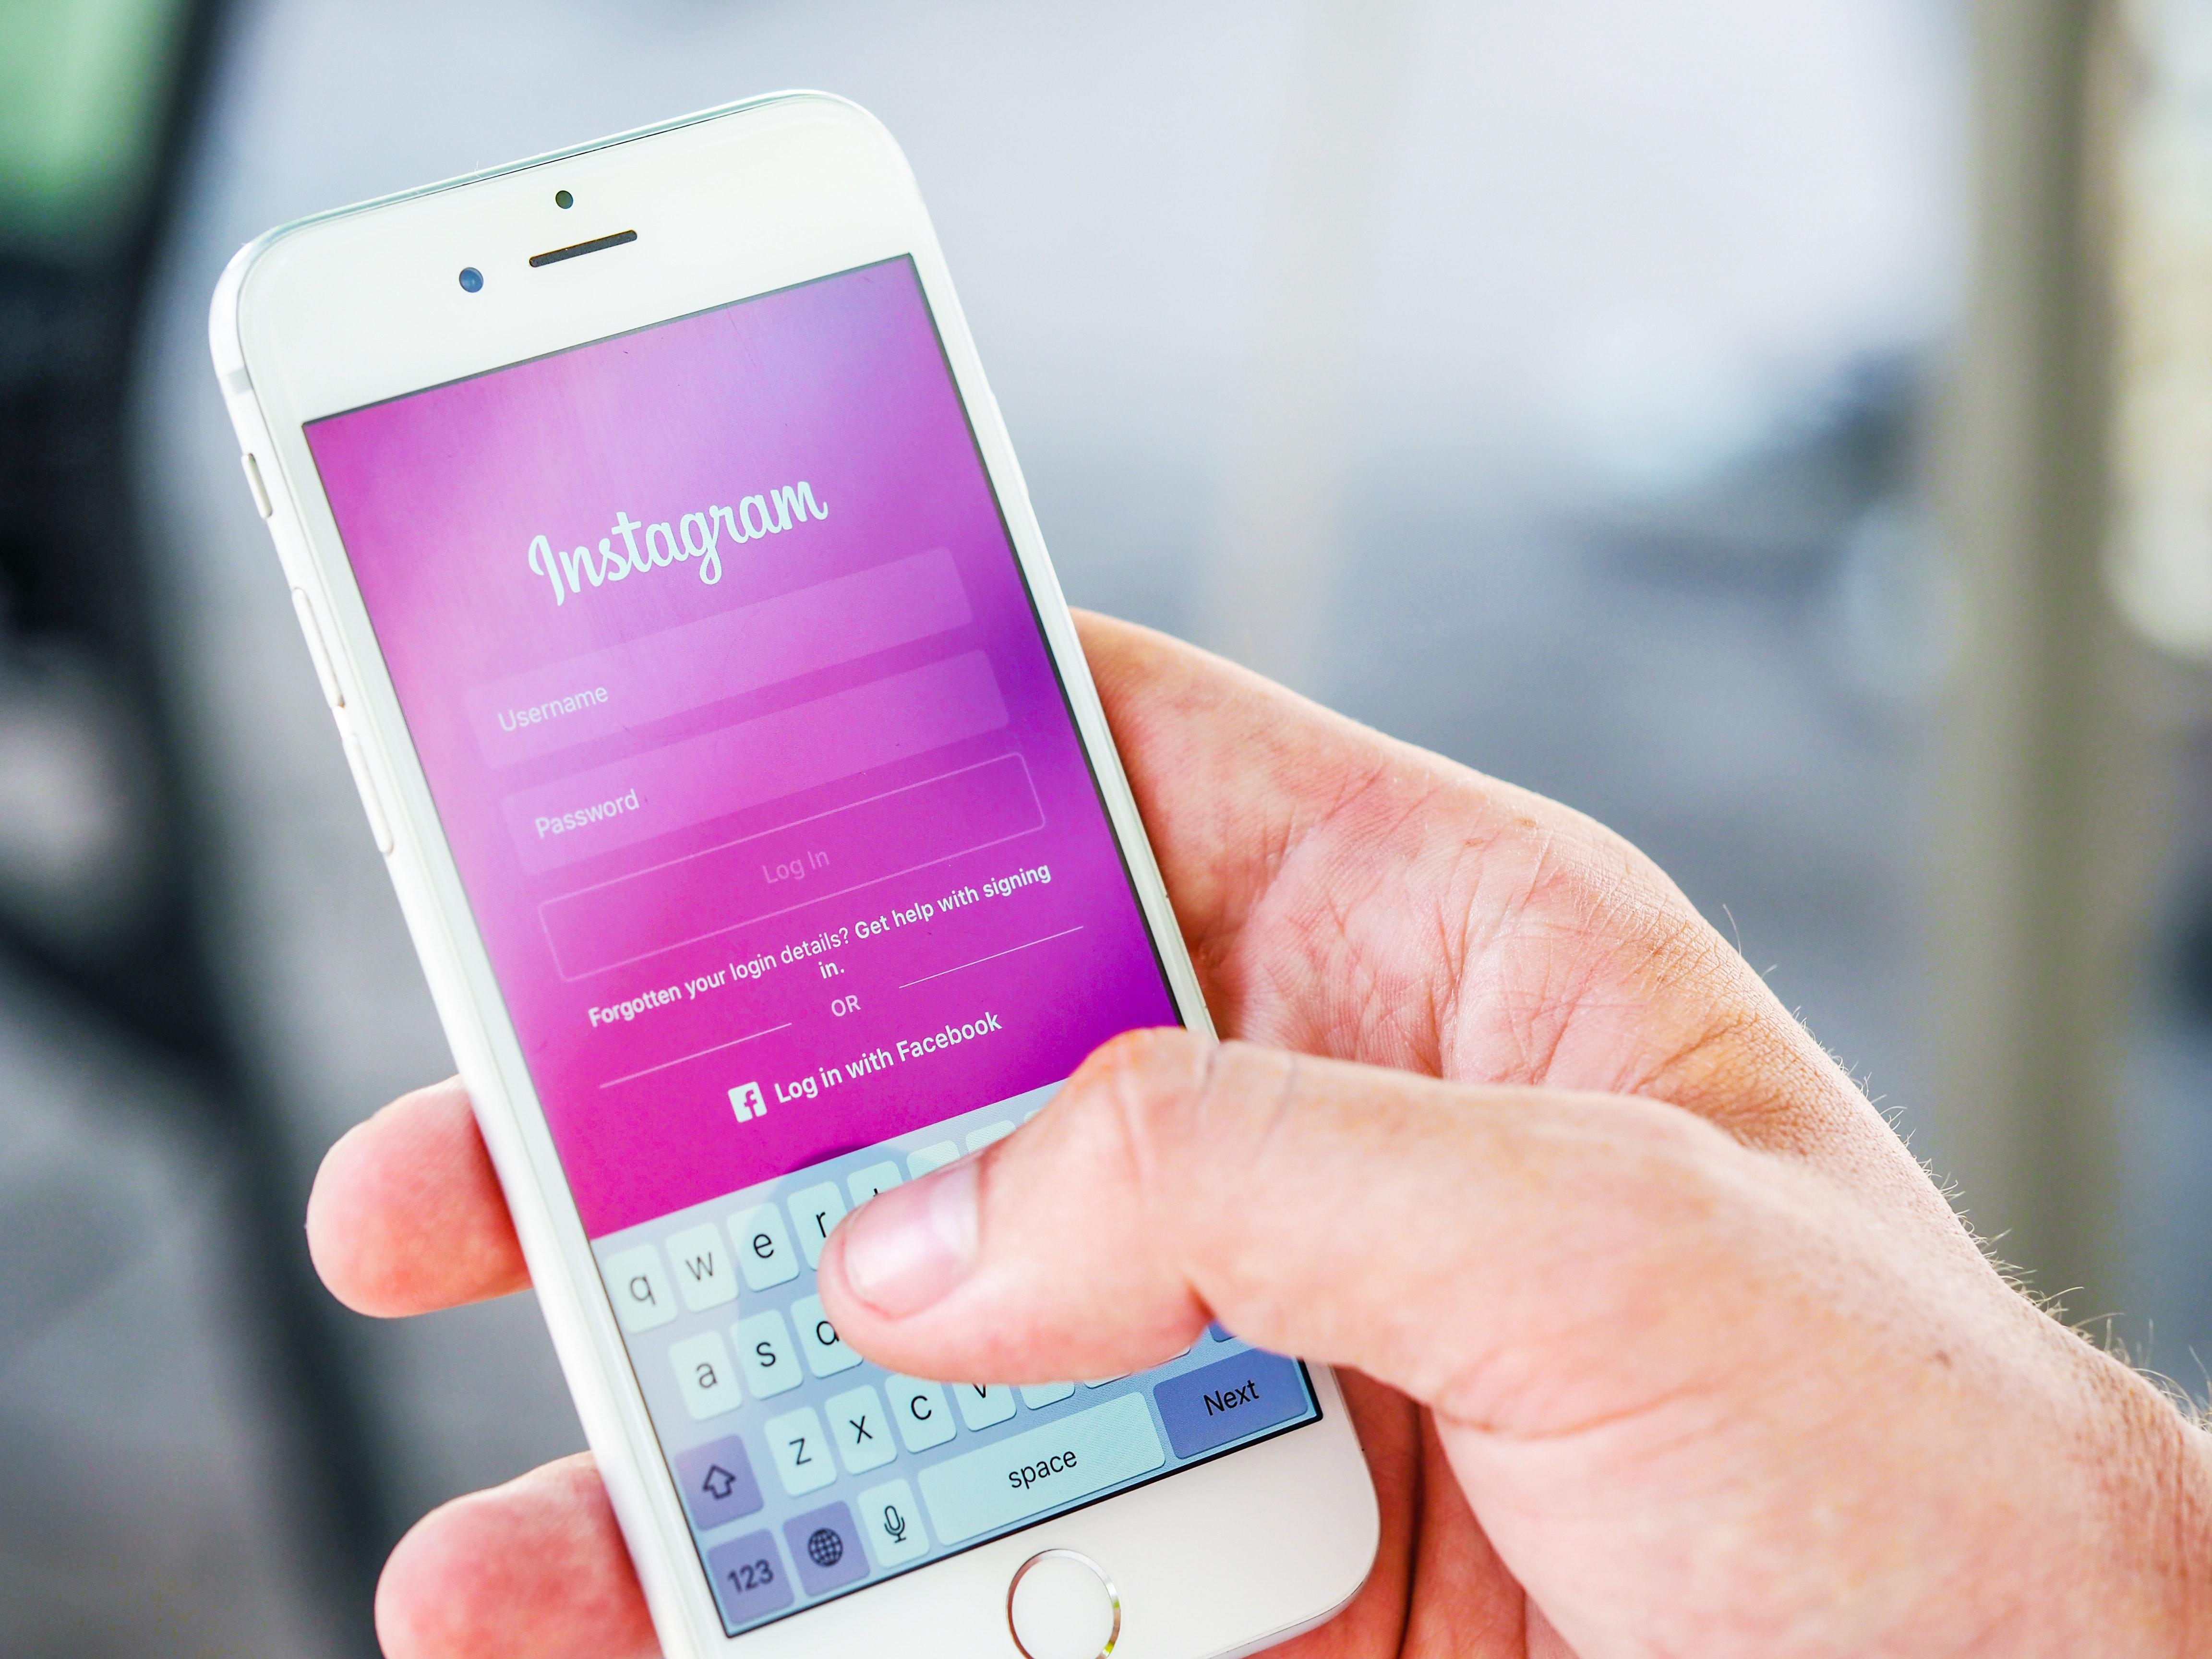 Faut-il utiliser un compte perso ou un compte pro sur Instagram?